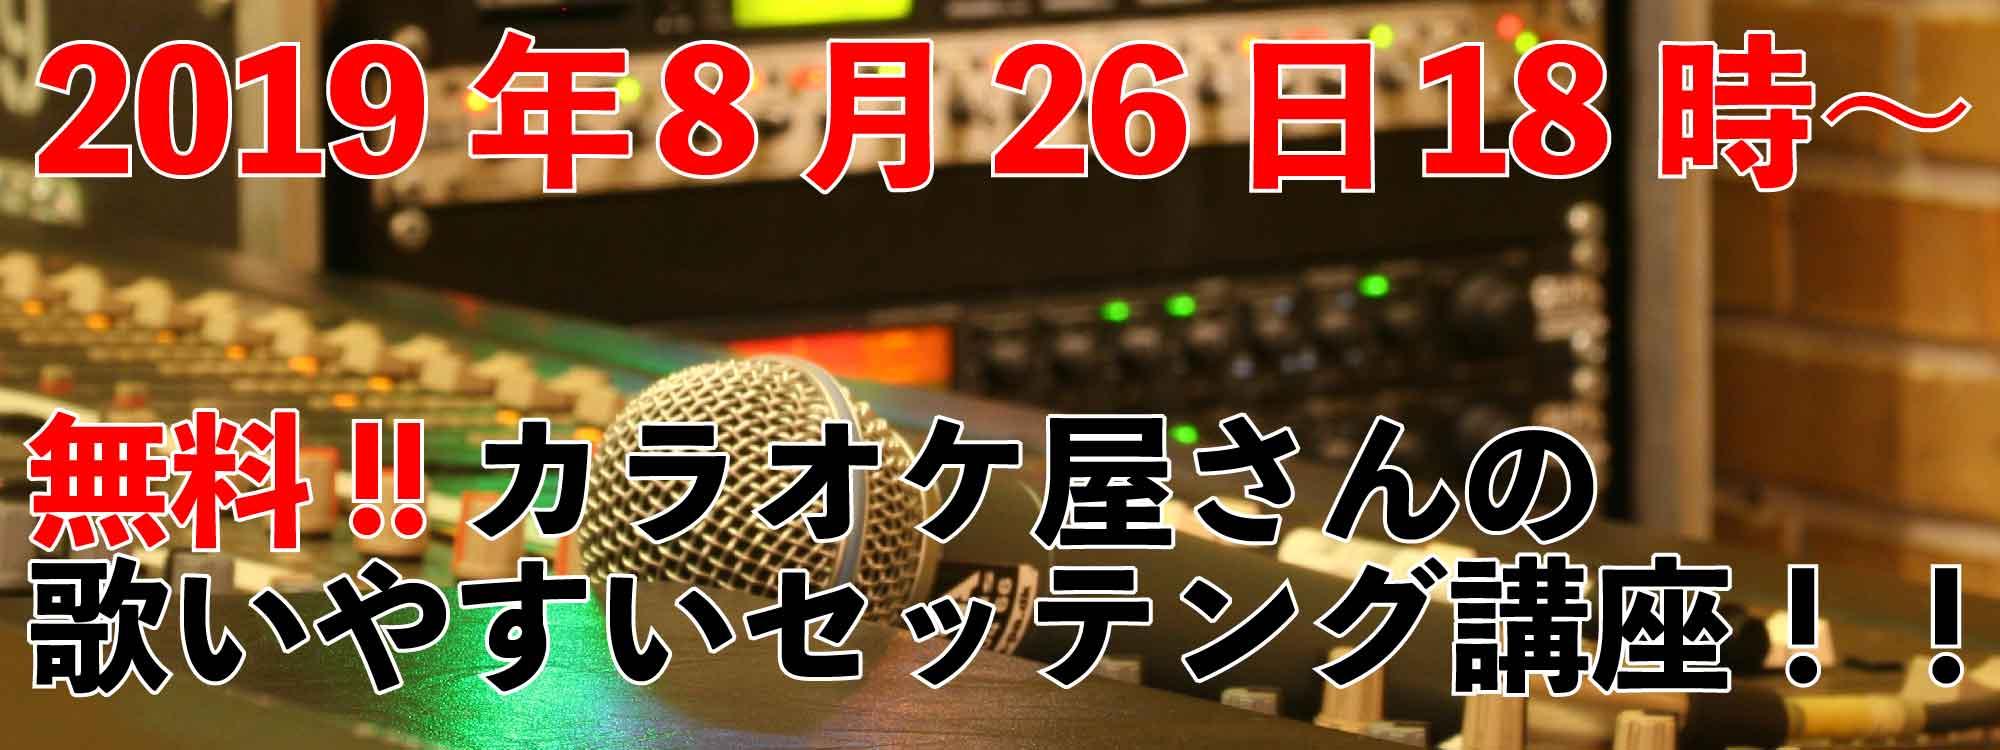 無料!!たったの30分でわかる!!カラオケ屋さんの歌いやすいセッテング講座